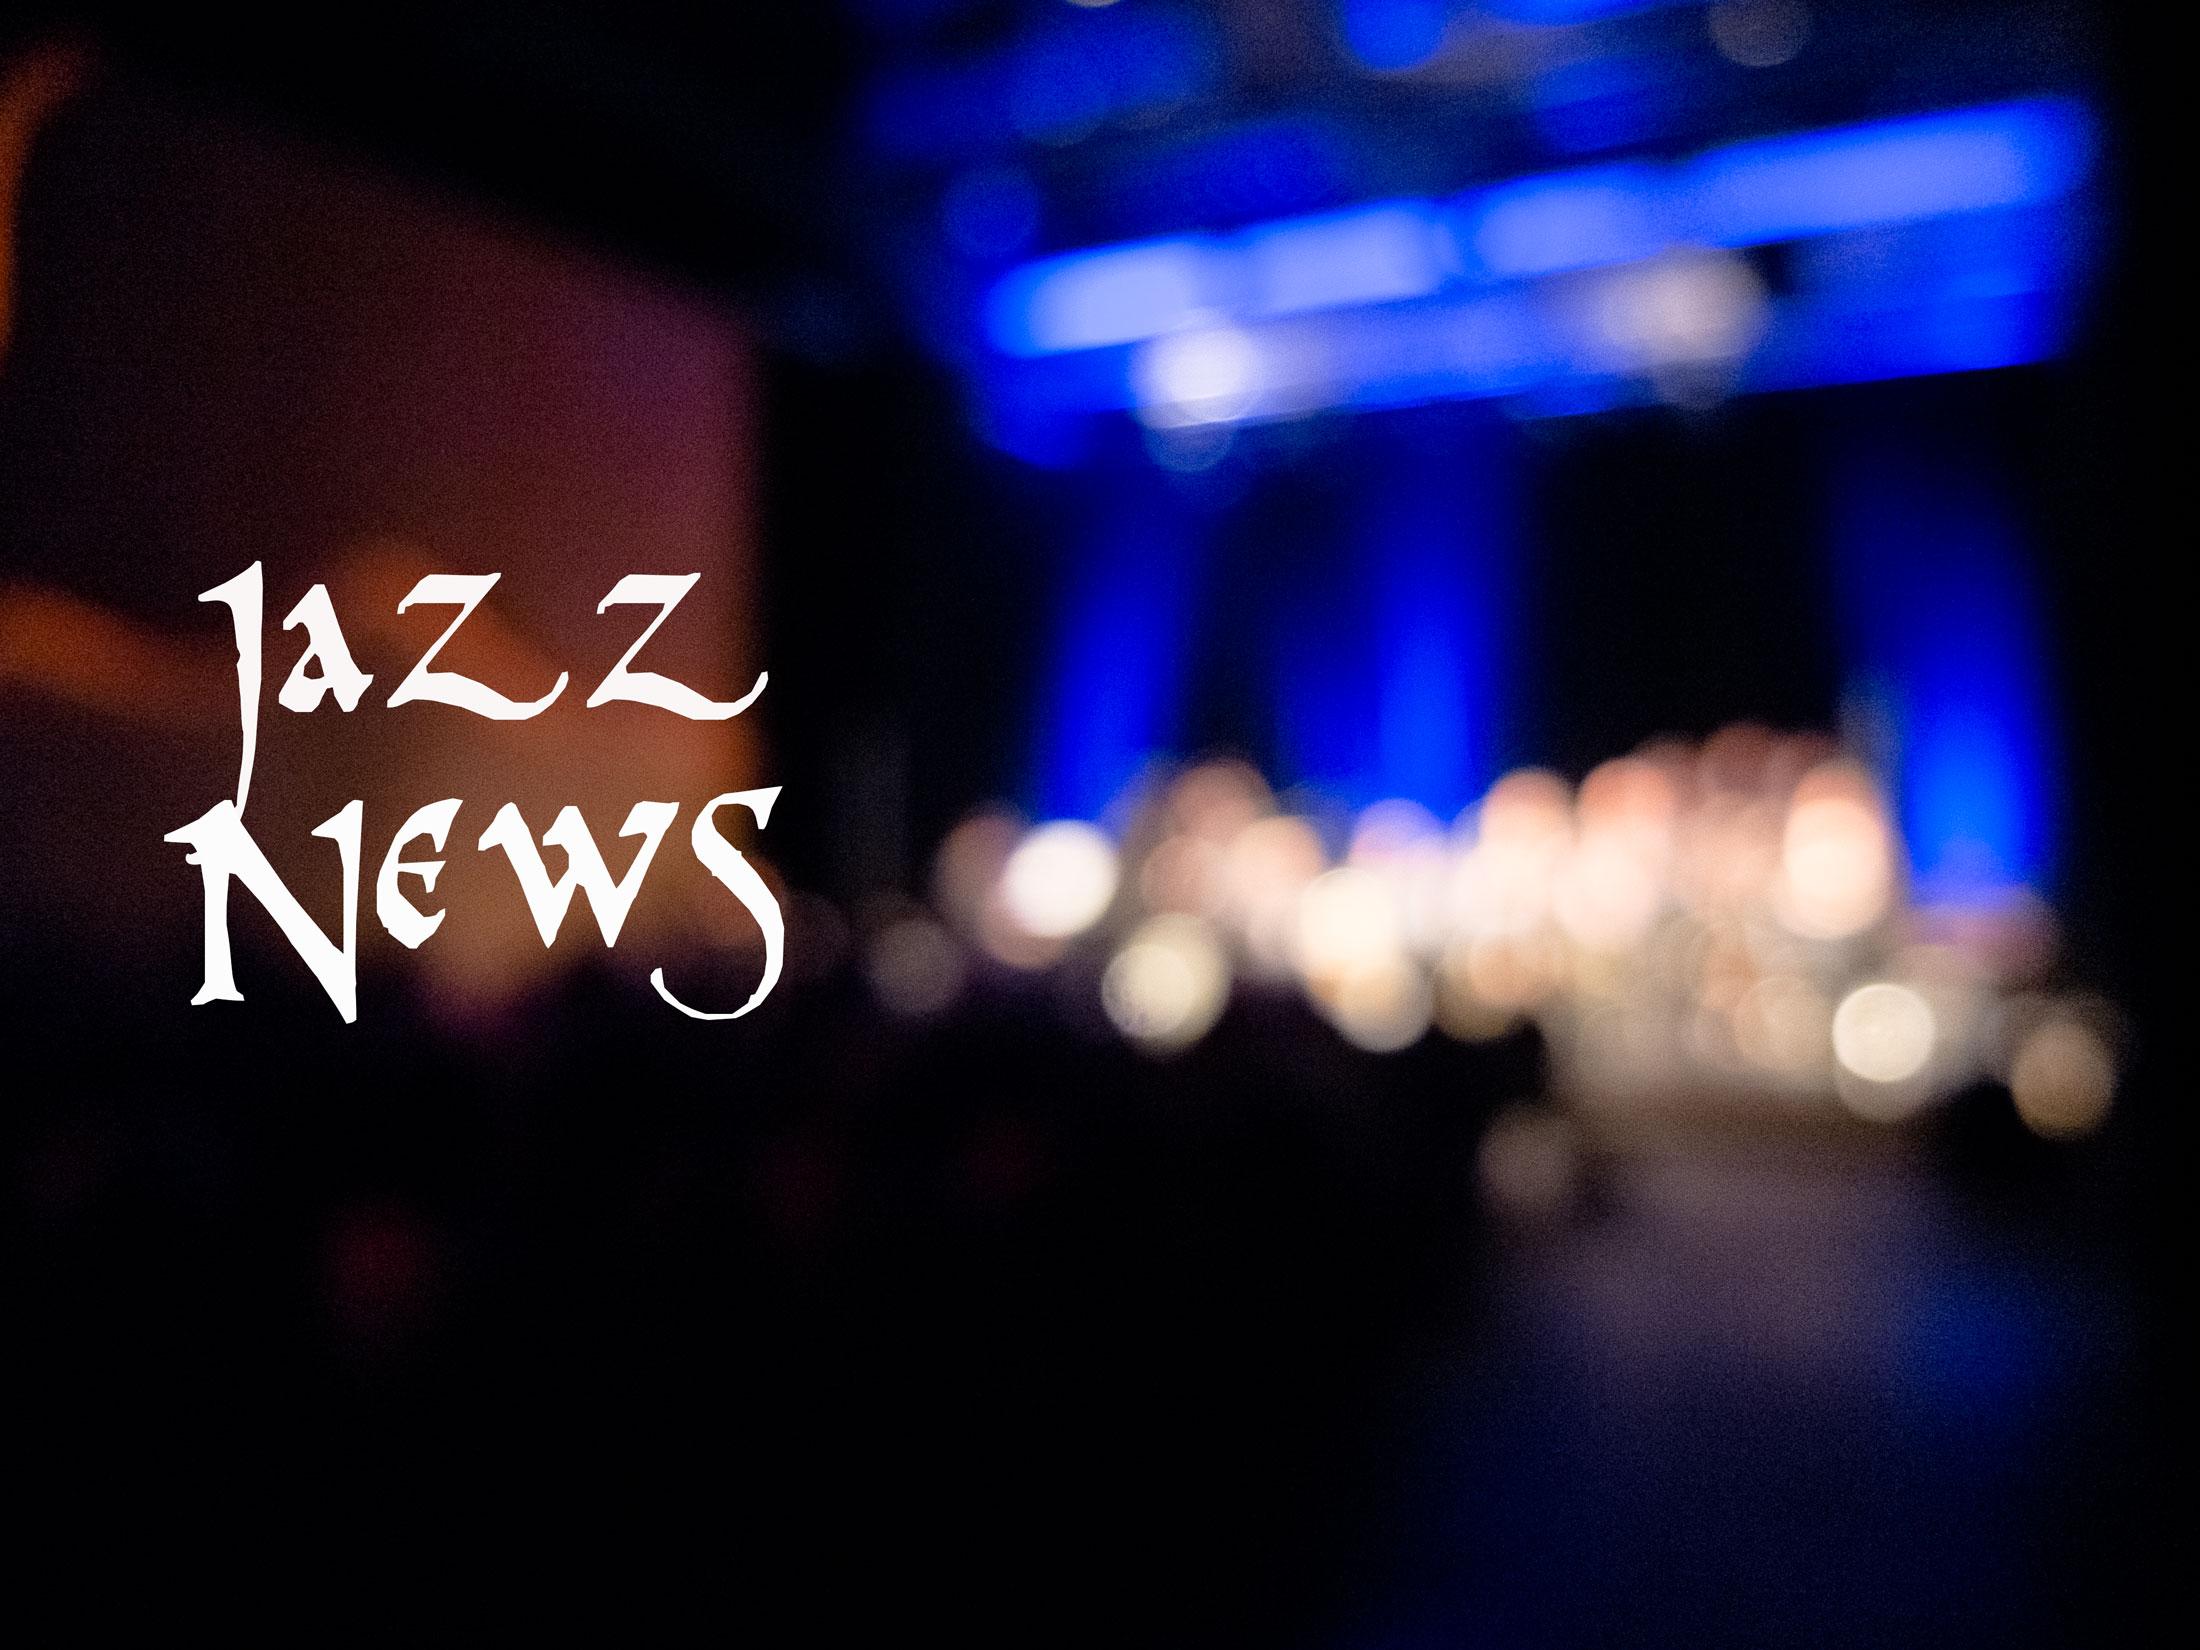 jetzt bewerben frderstipendium der stadt kln 2018 fr jazzimprovisierte musik jazzzeitung - Koln 50667 Bewerben